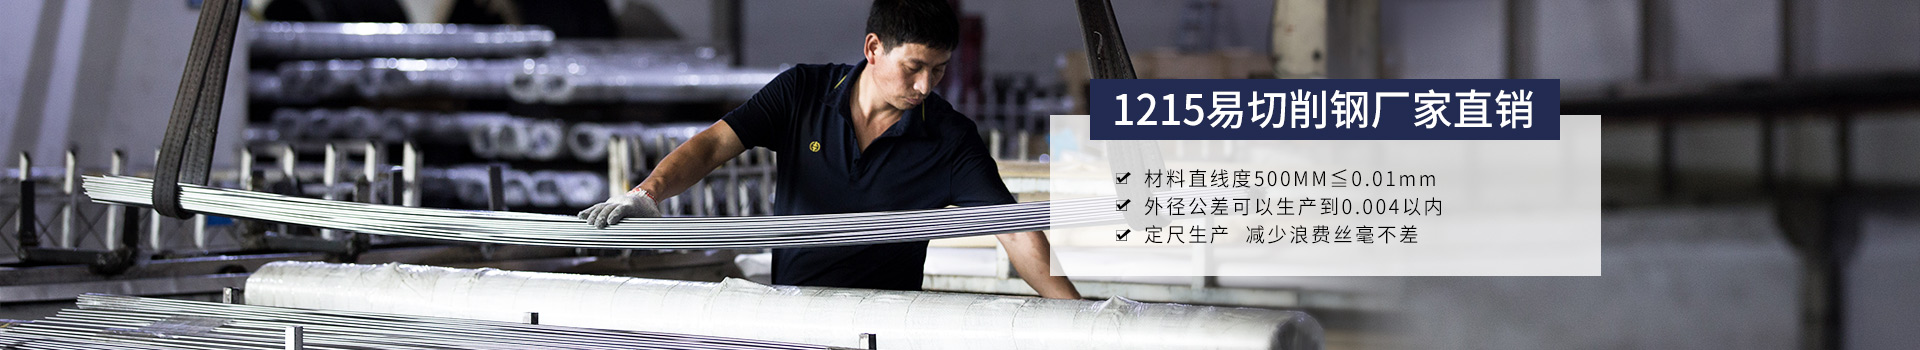 同一金属-1215易切削钢厂家直销